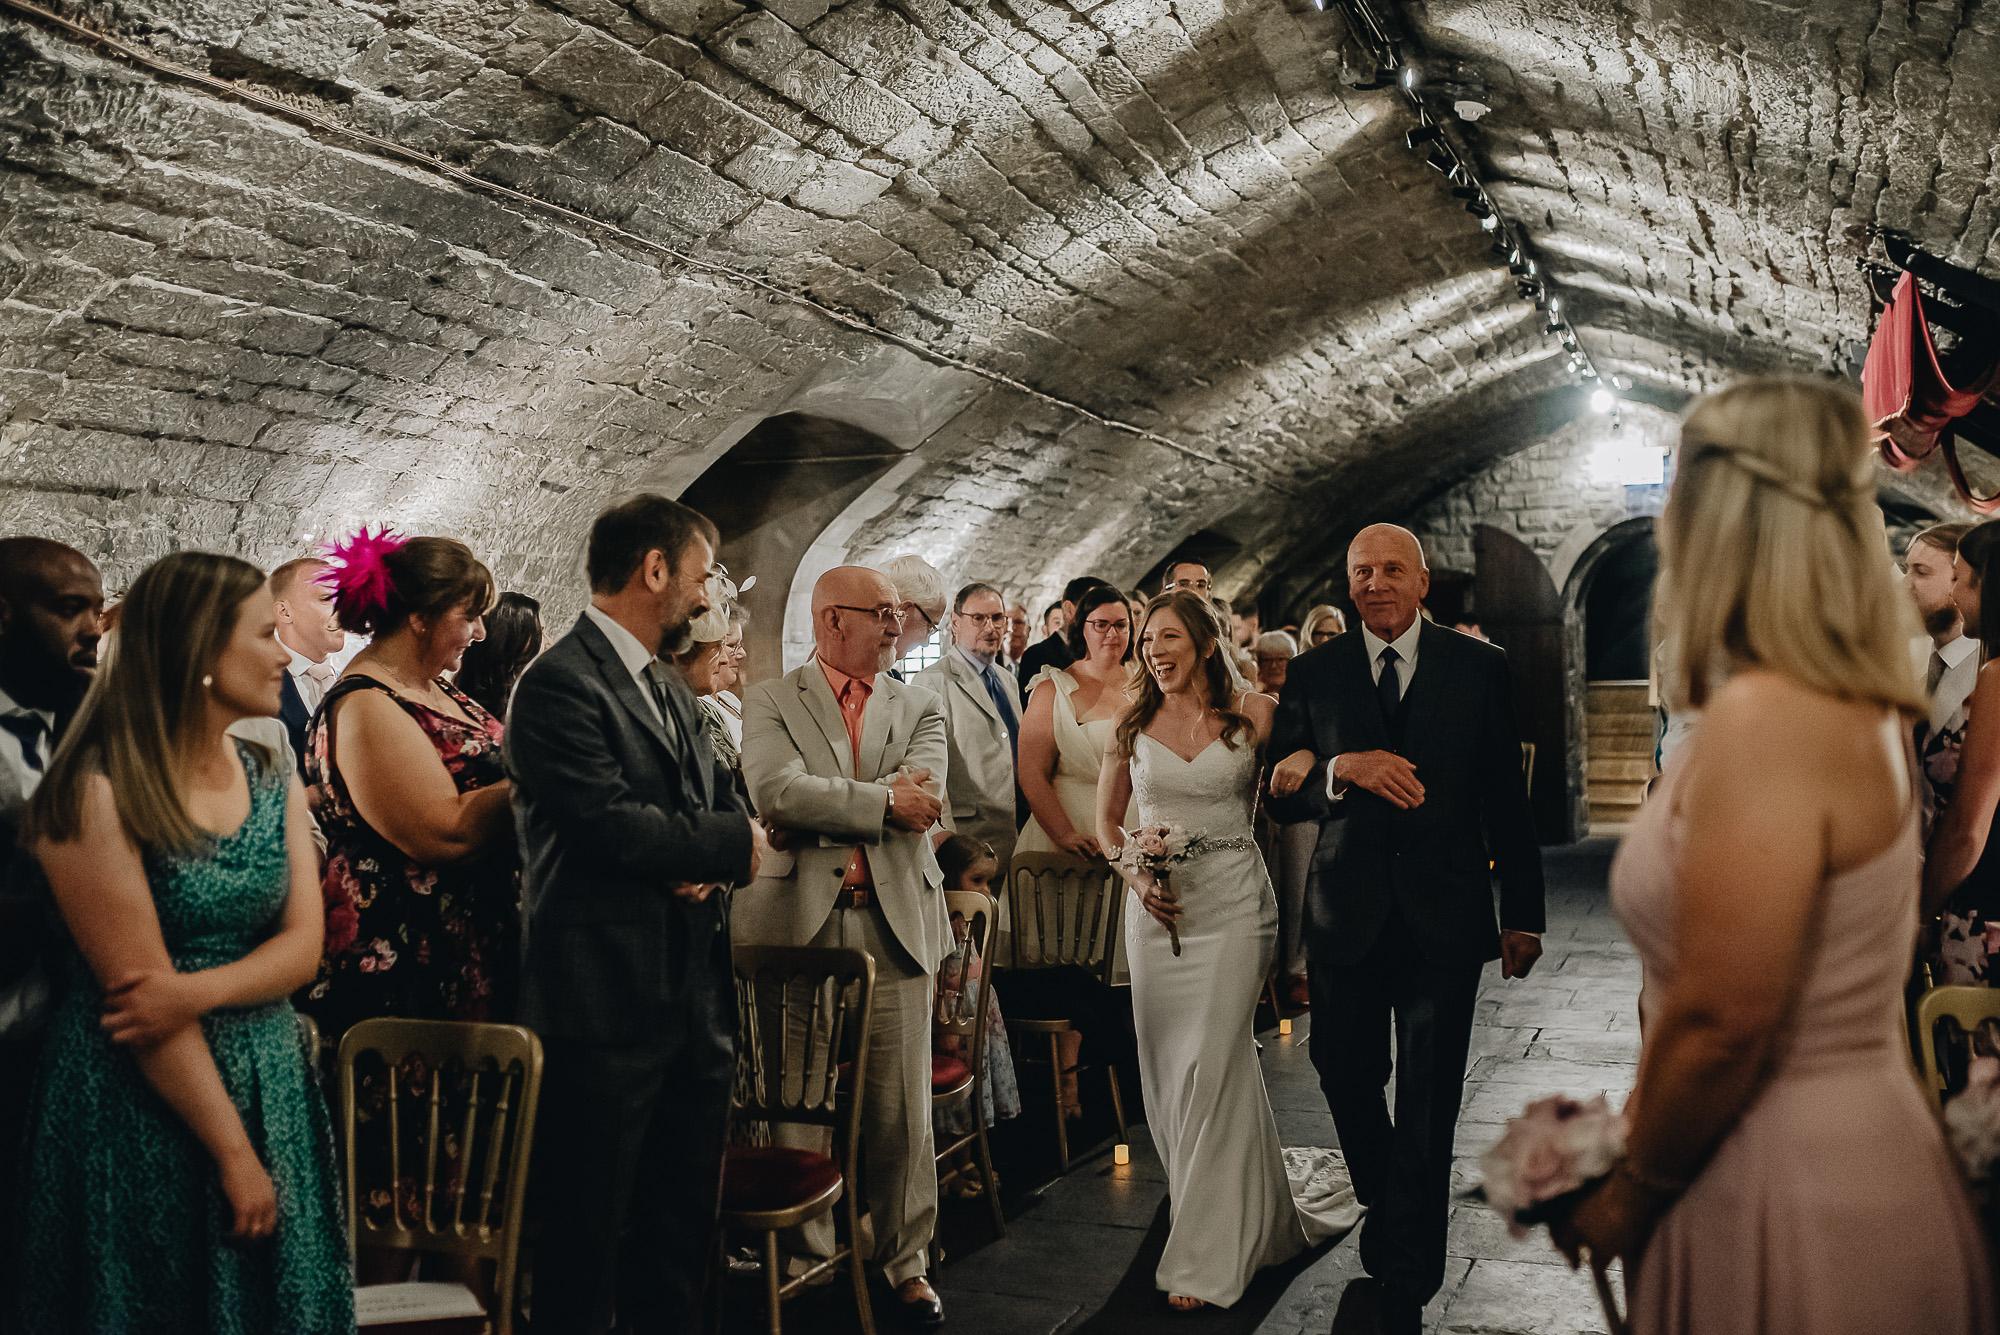 OurBeautifulAdventure-CardiffCastleWedding-Maddie&Joe-WeddingBlog-1462.jpg